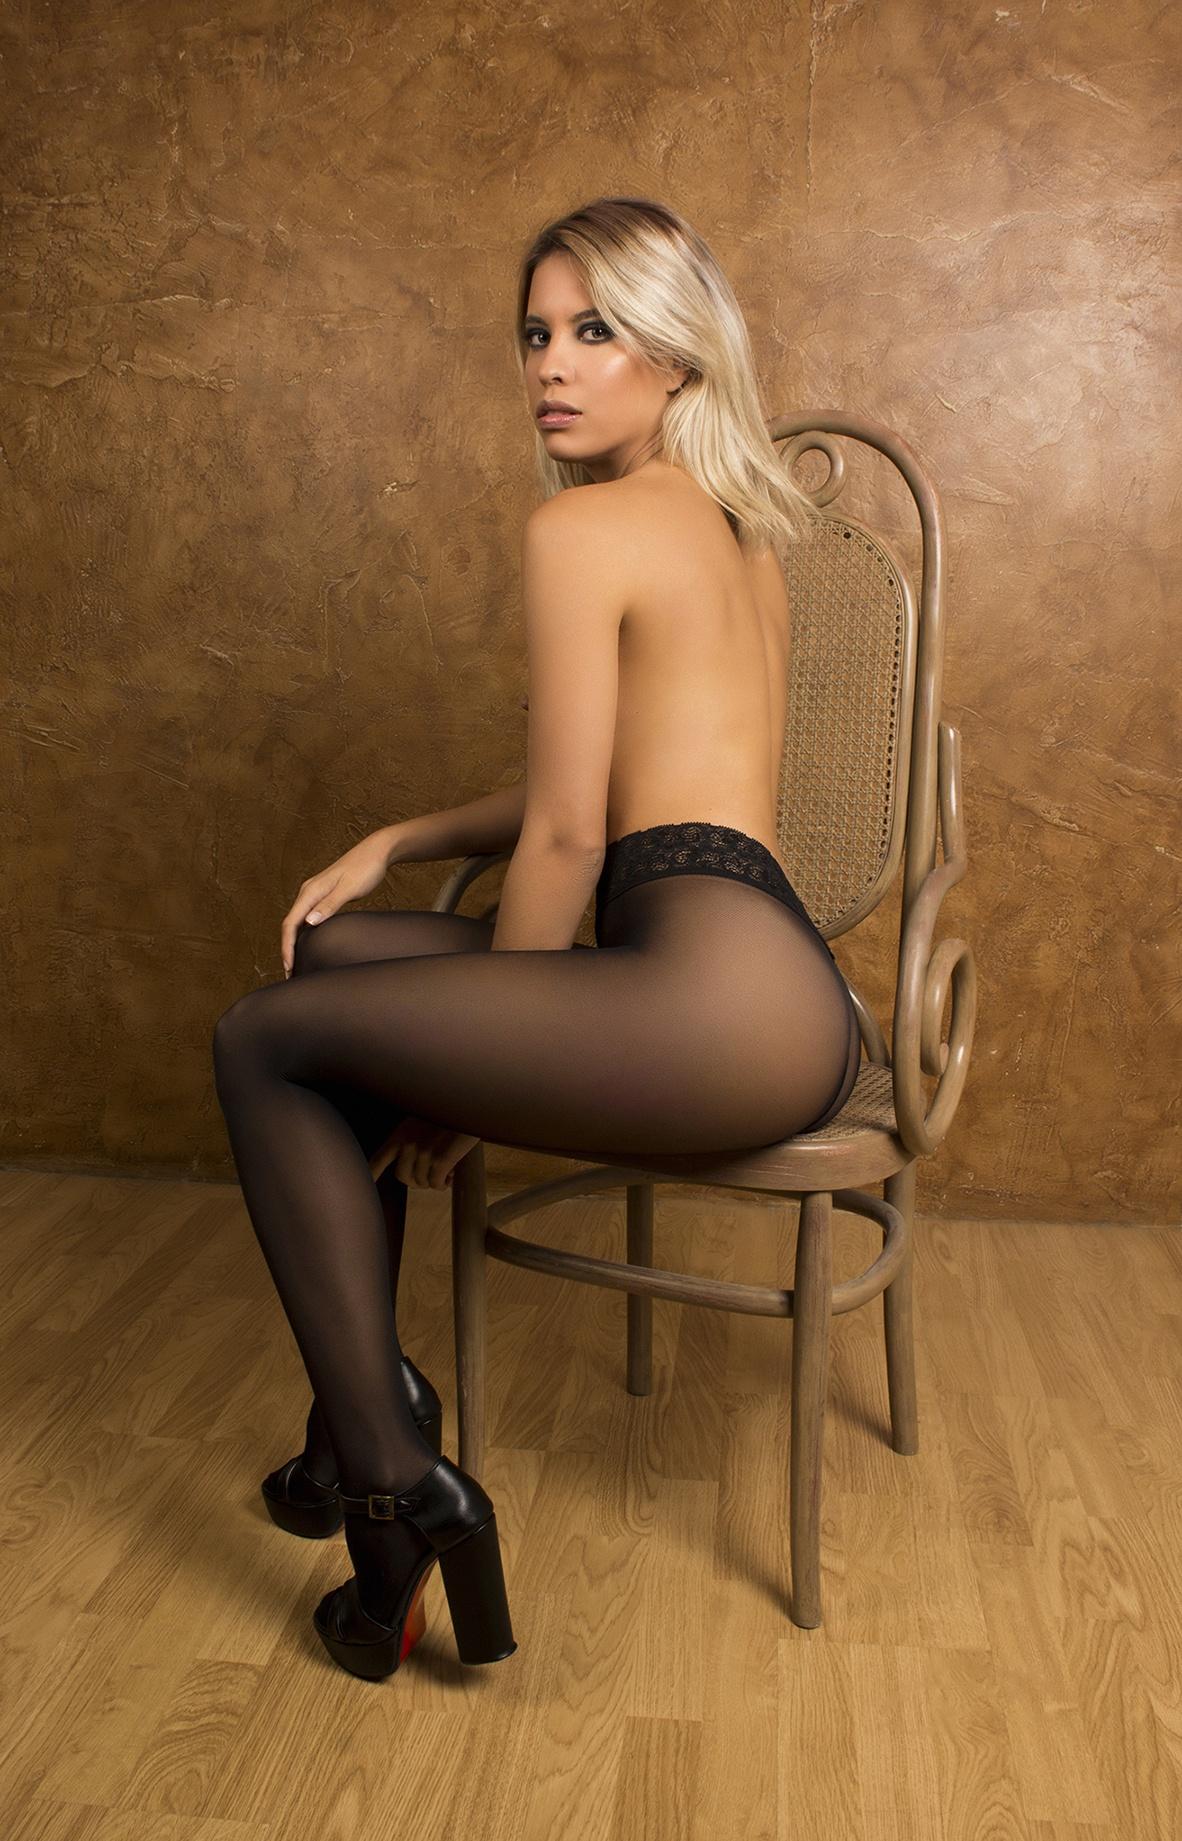 Melanie - Acceso gratuito - Desnudo, semidesnudo y boudoir. Fotografía por Javier Cuevas